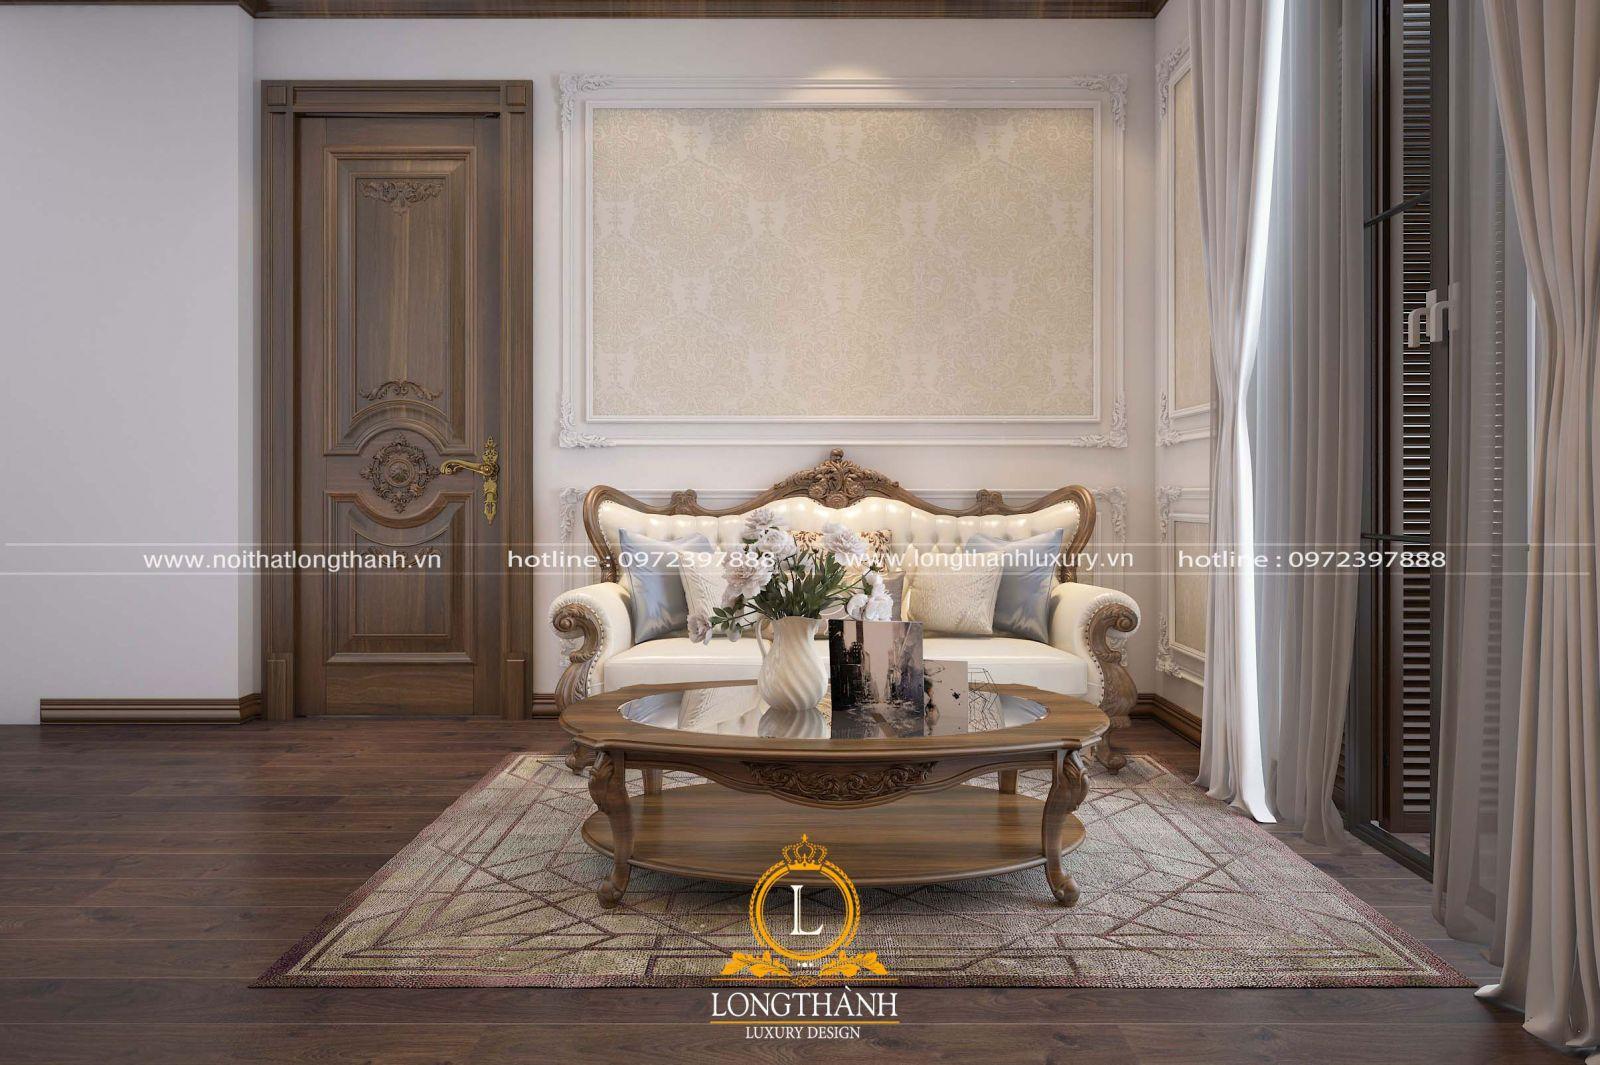 Sofa văng tân cổ điển cho phòng khách